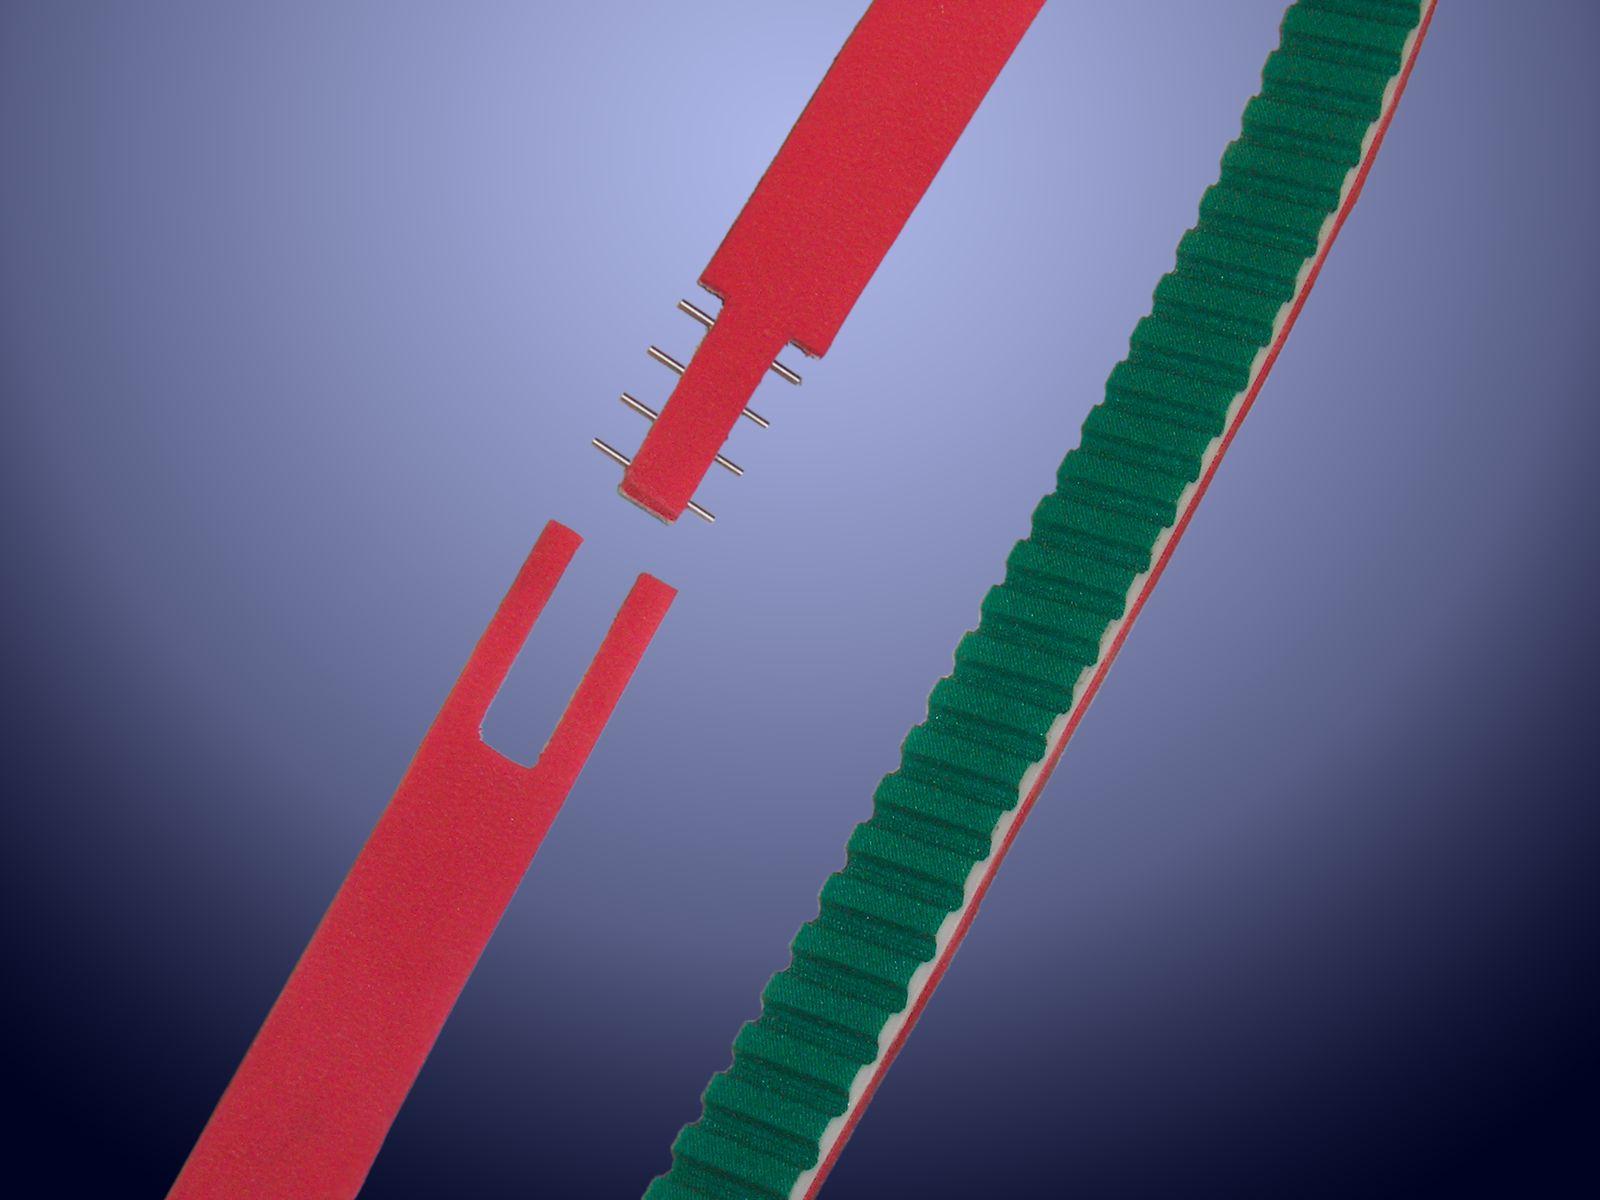 Cinghia dentata AT10 con rivestimento Linatex e giunzione meccanica a spine